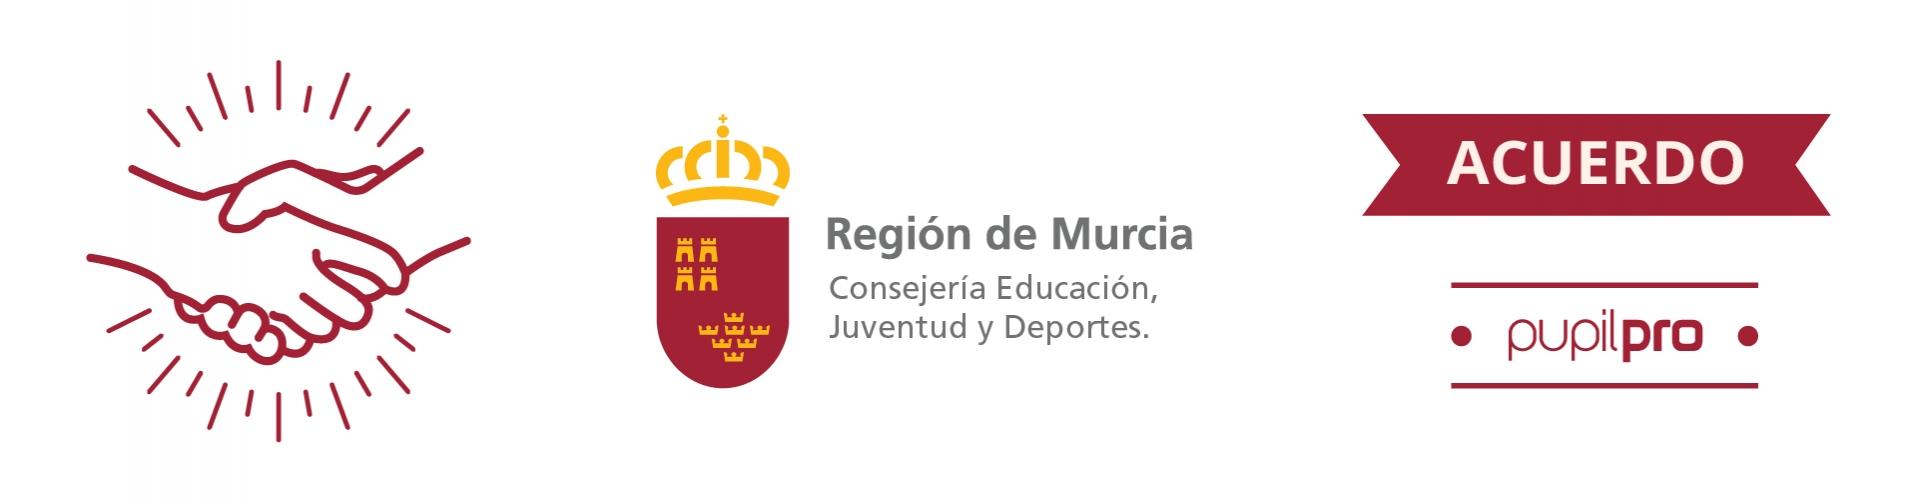 Acuerdo de Pupilpro con la Consejería de Educación de la Región de Murcia